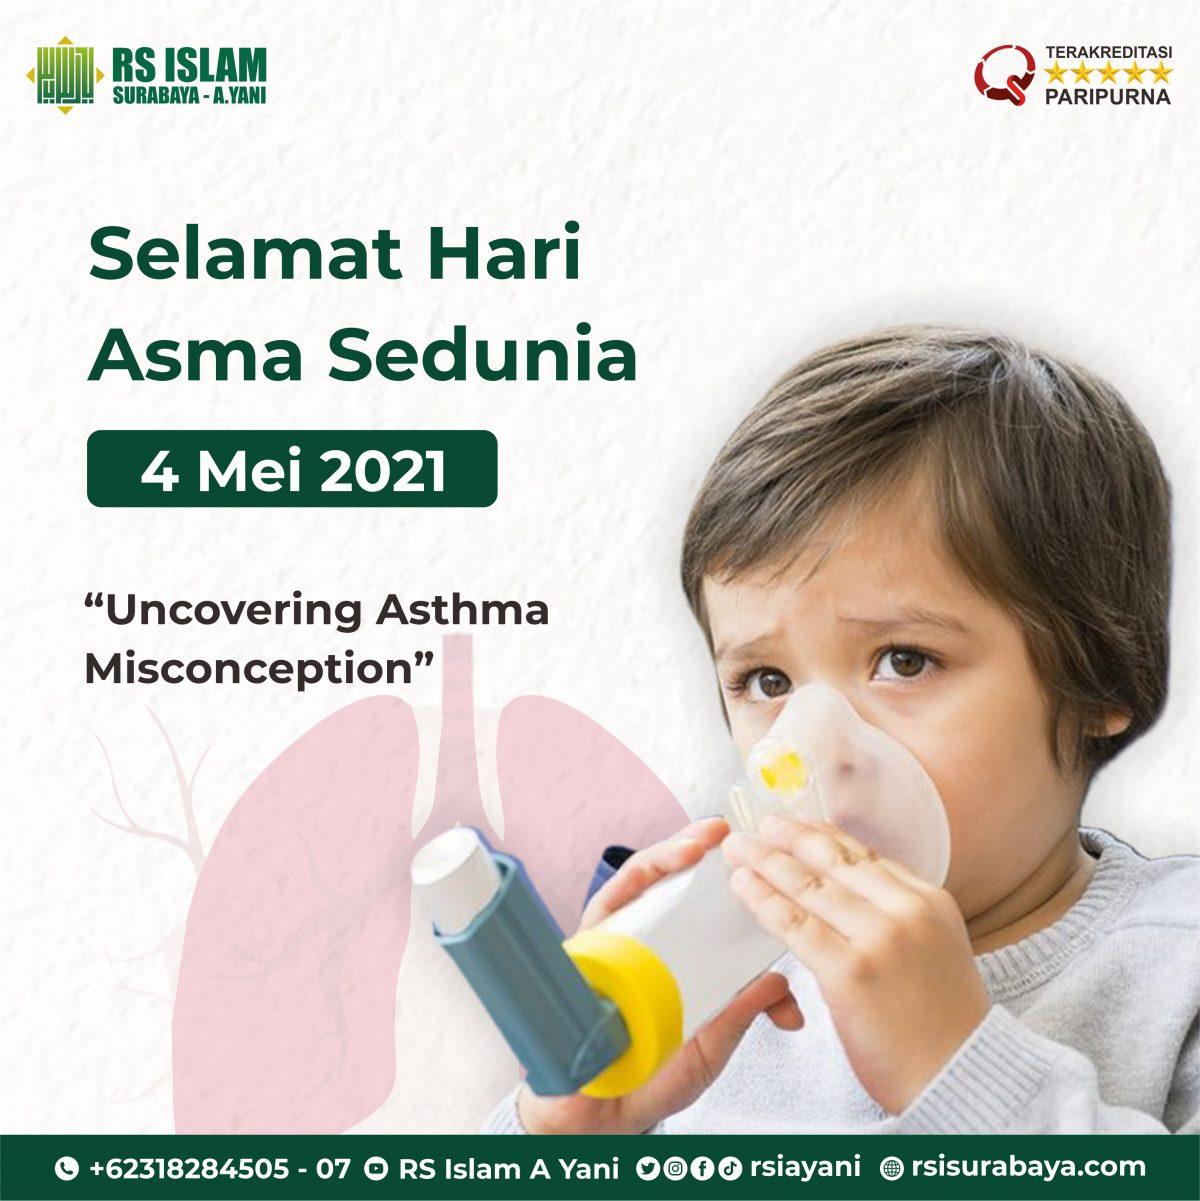 asma-sedunia-1200x1201.jpg